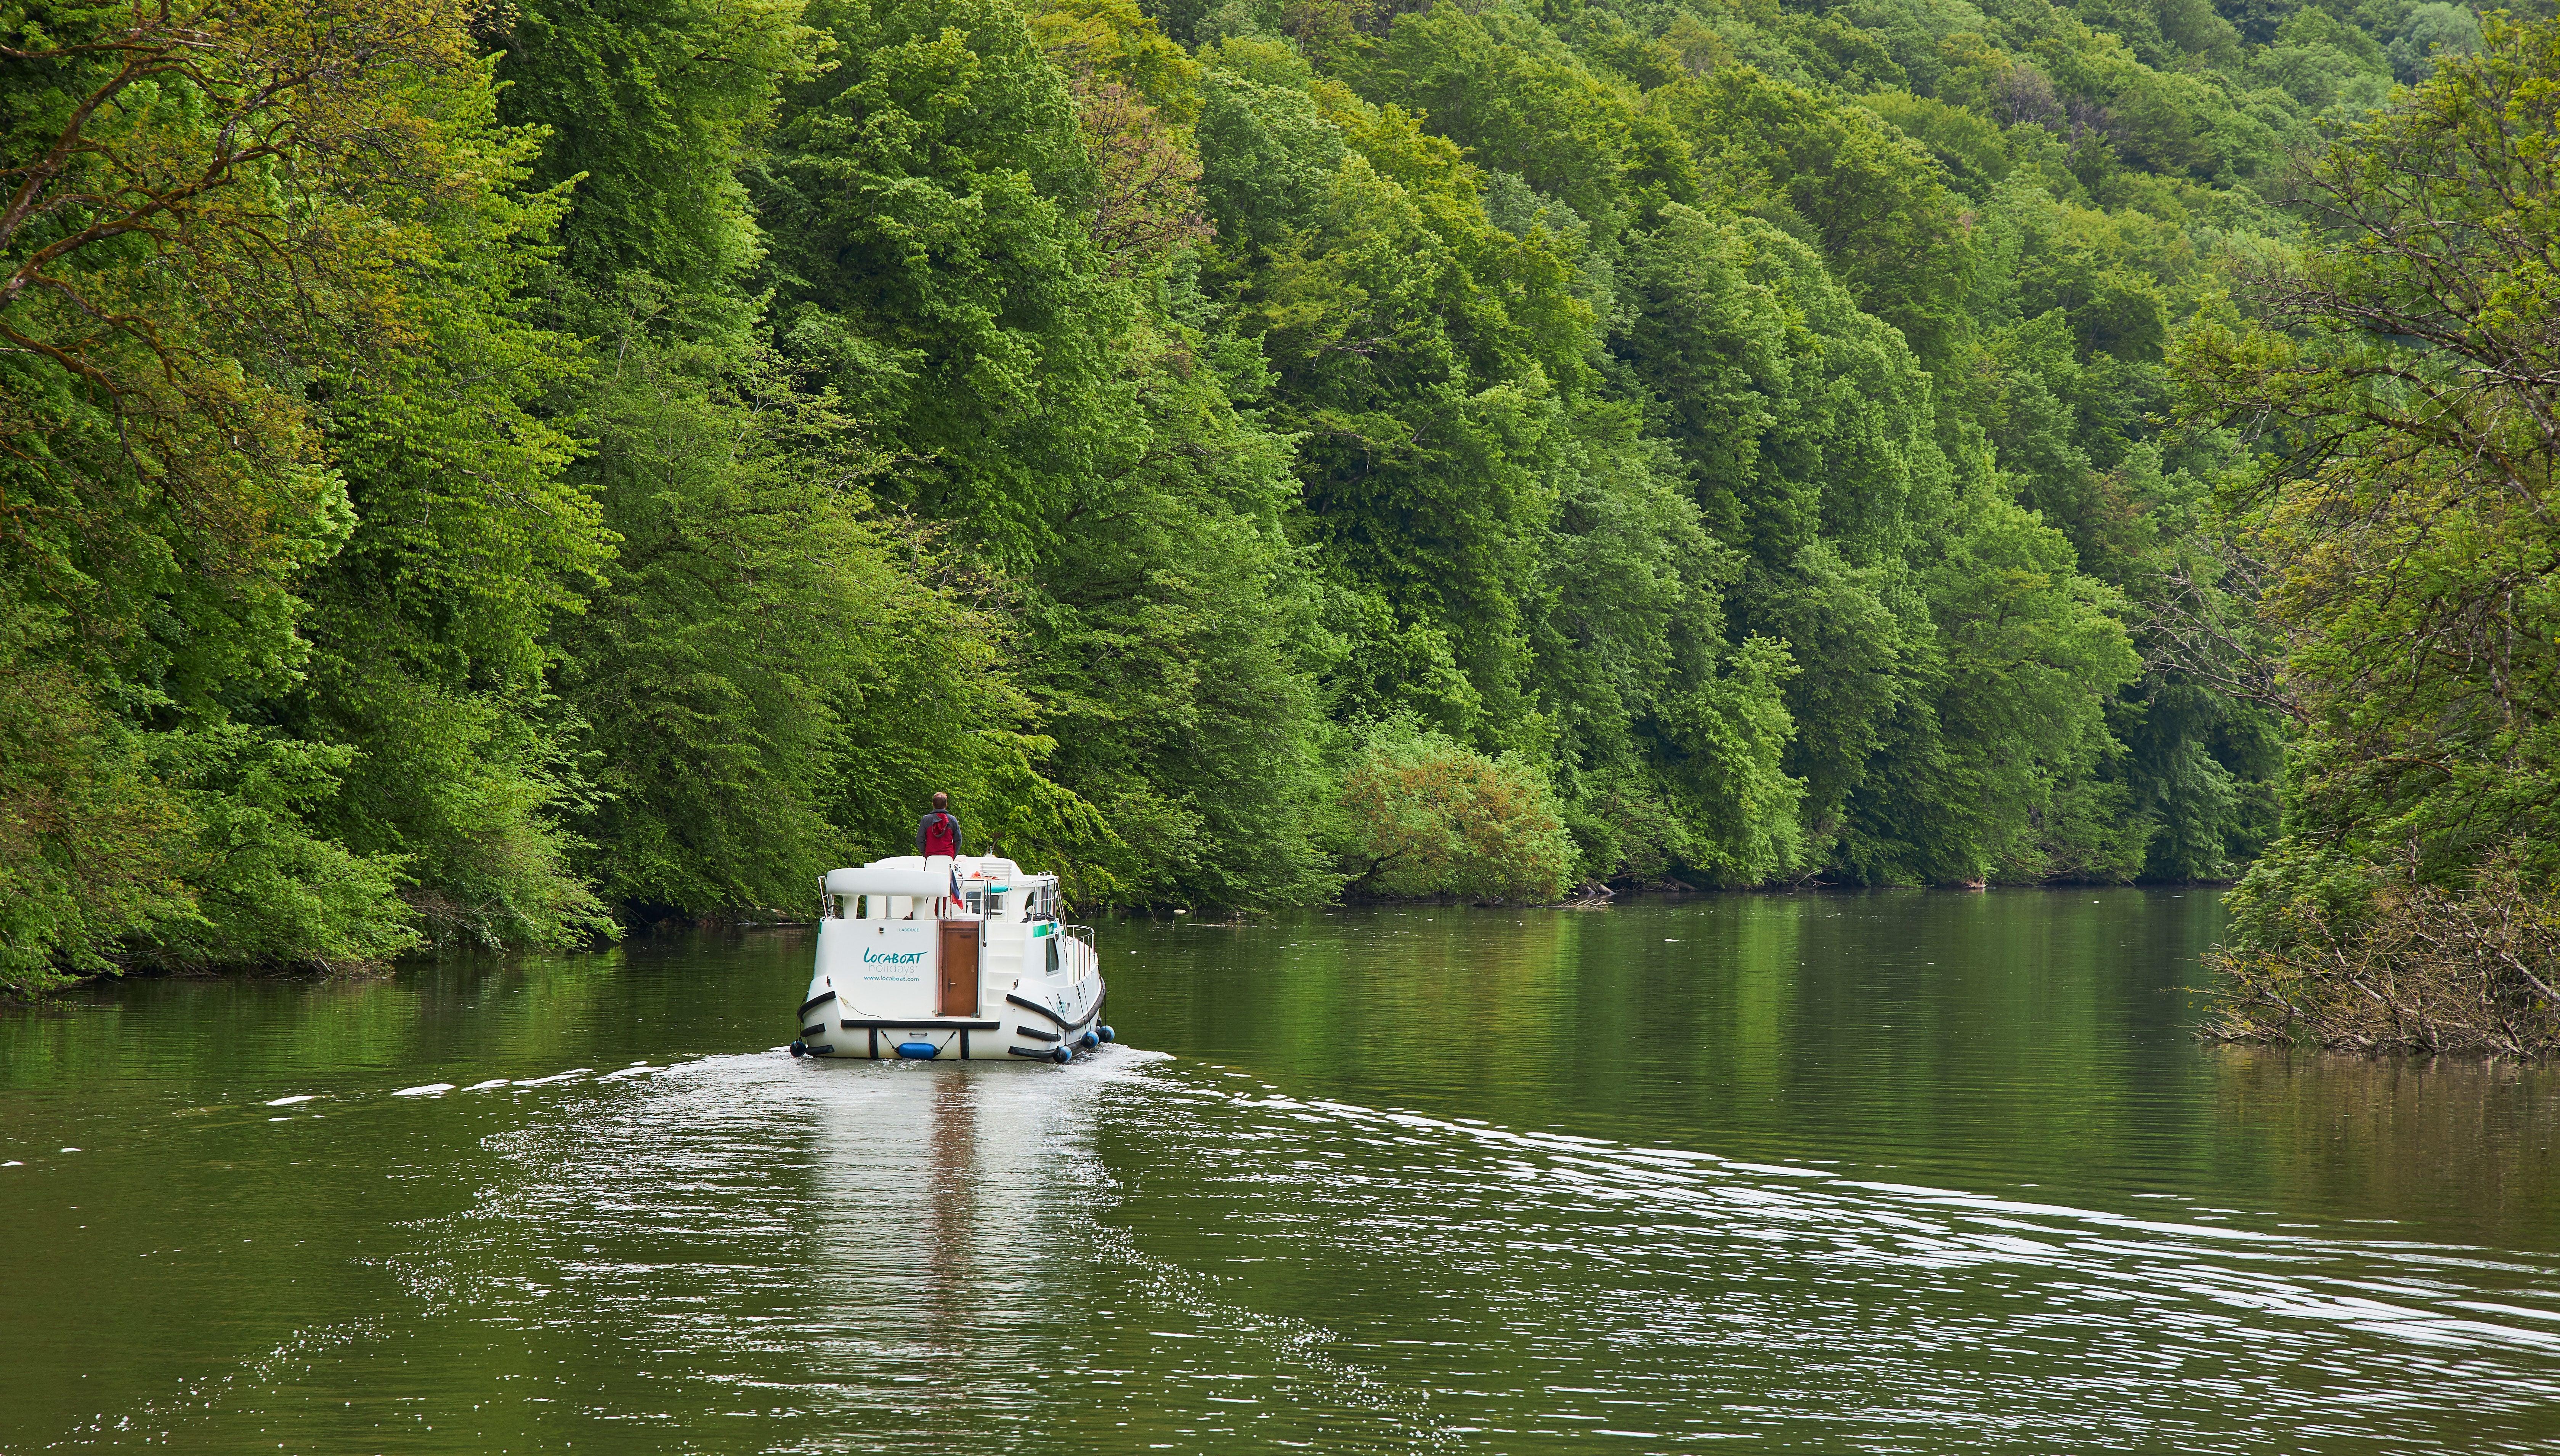 tourisme-fluviale-france